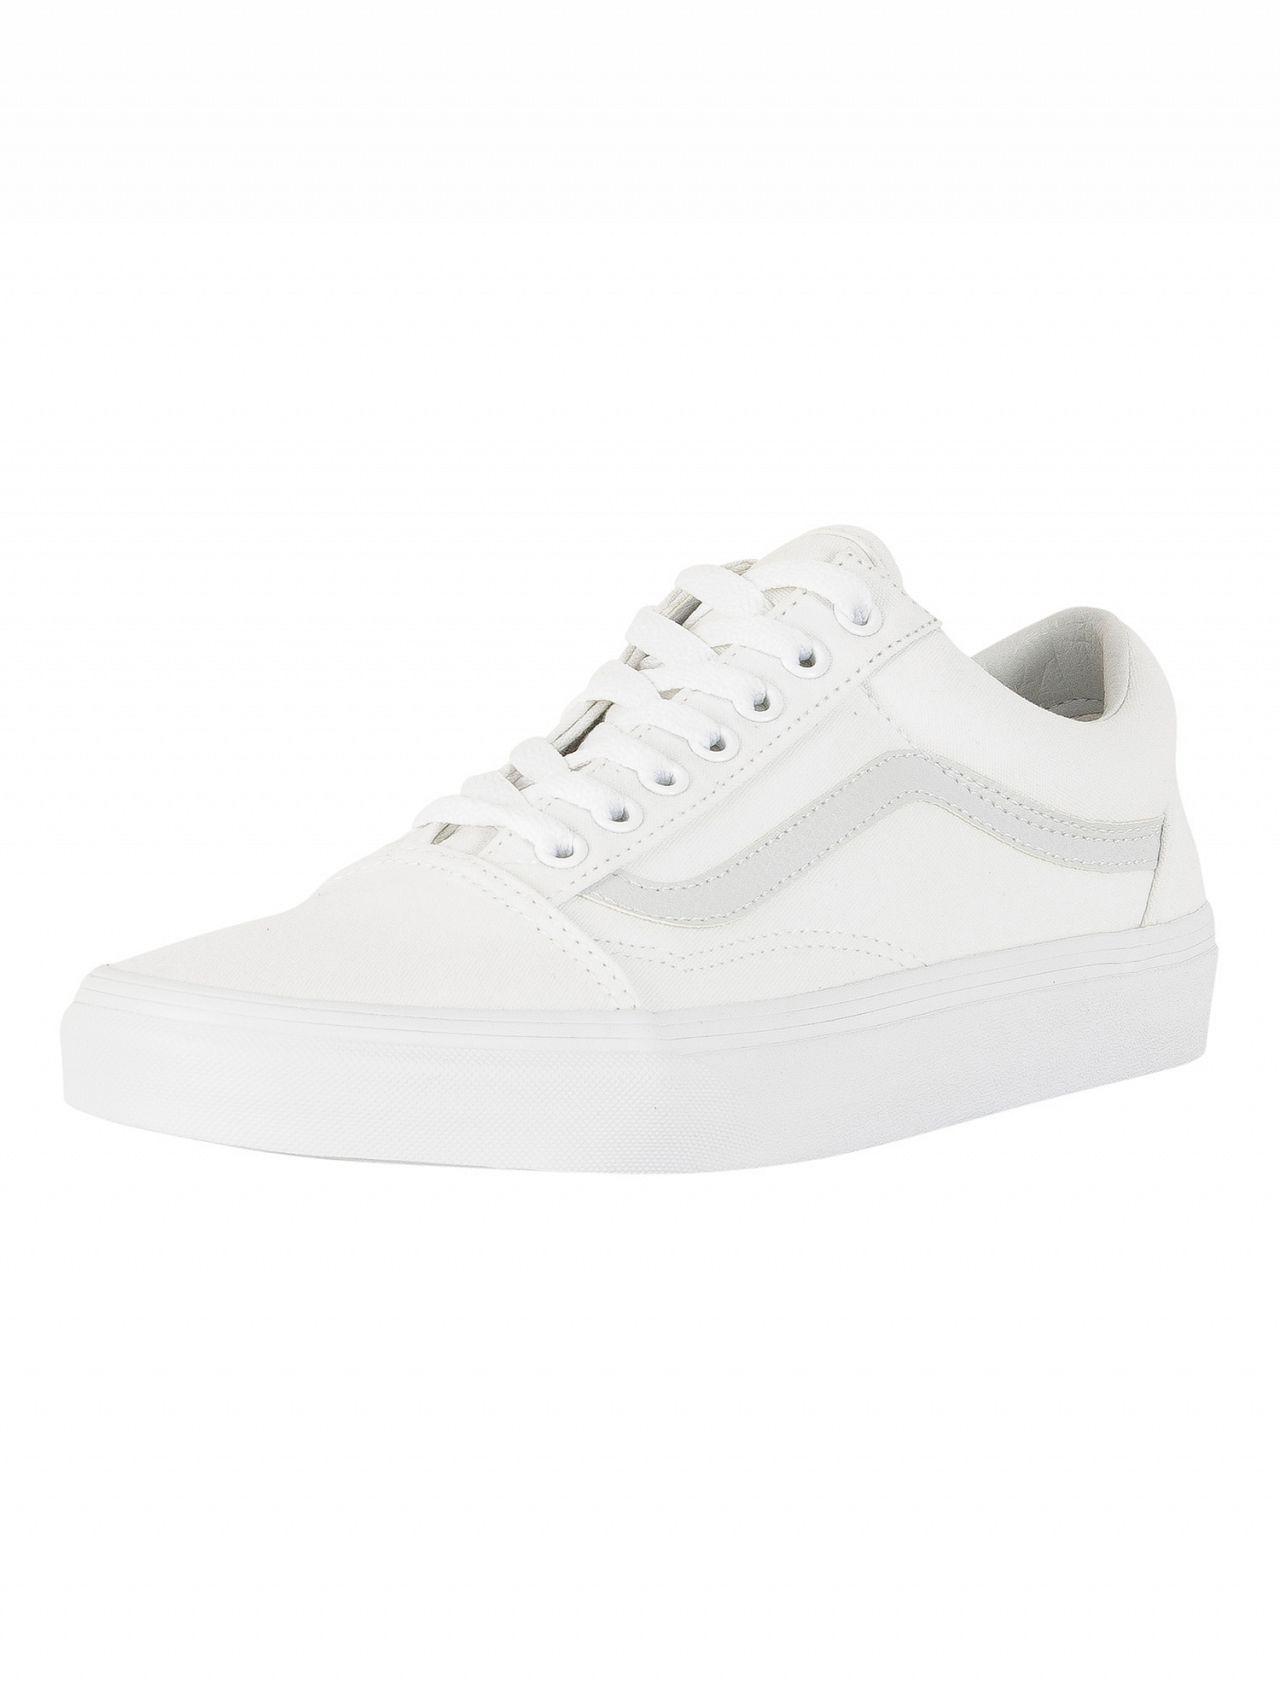 Vans OLD SKOOL - Trainers - corsair/true white KT31p3